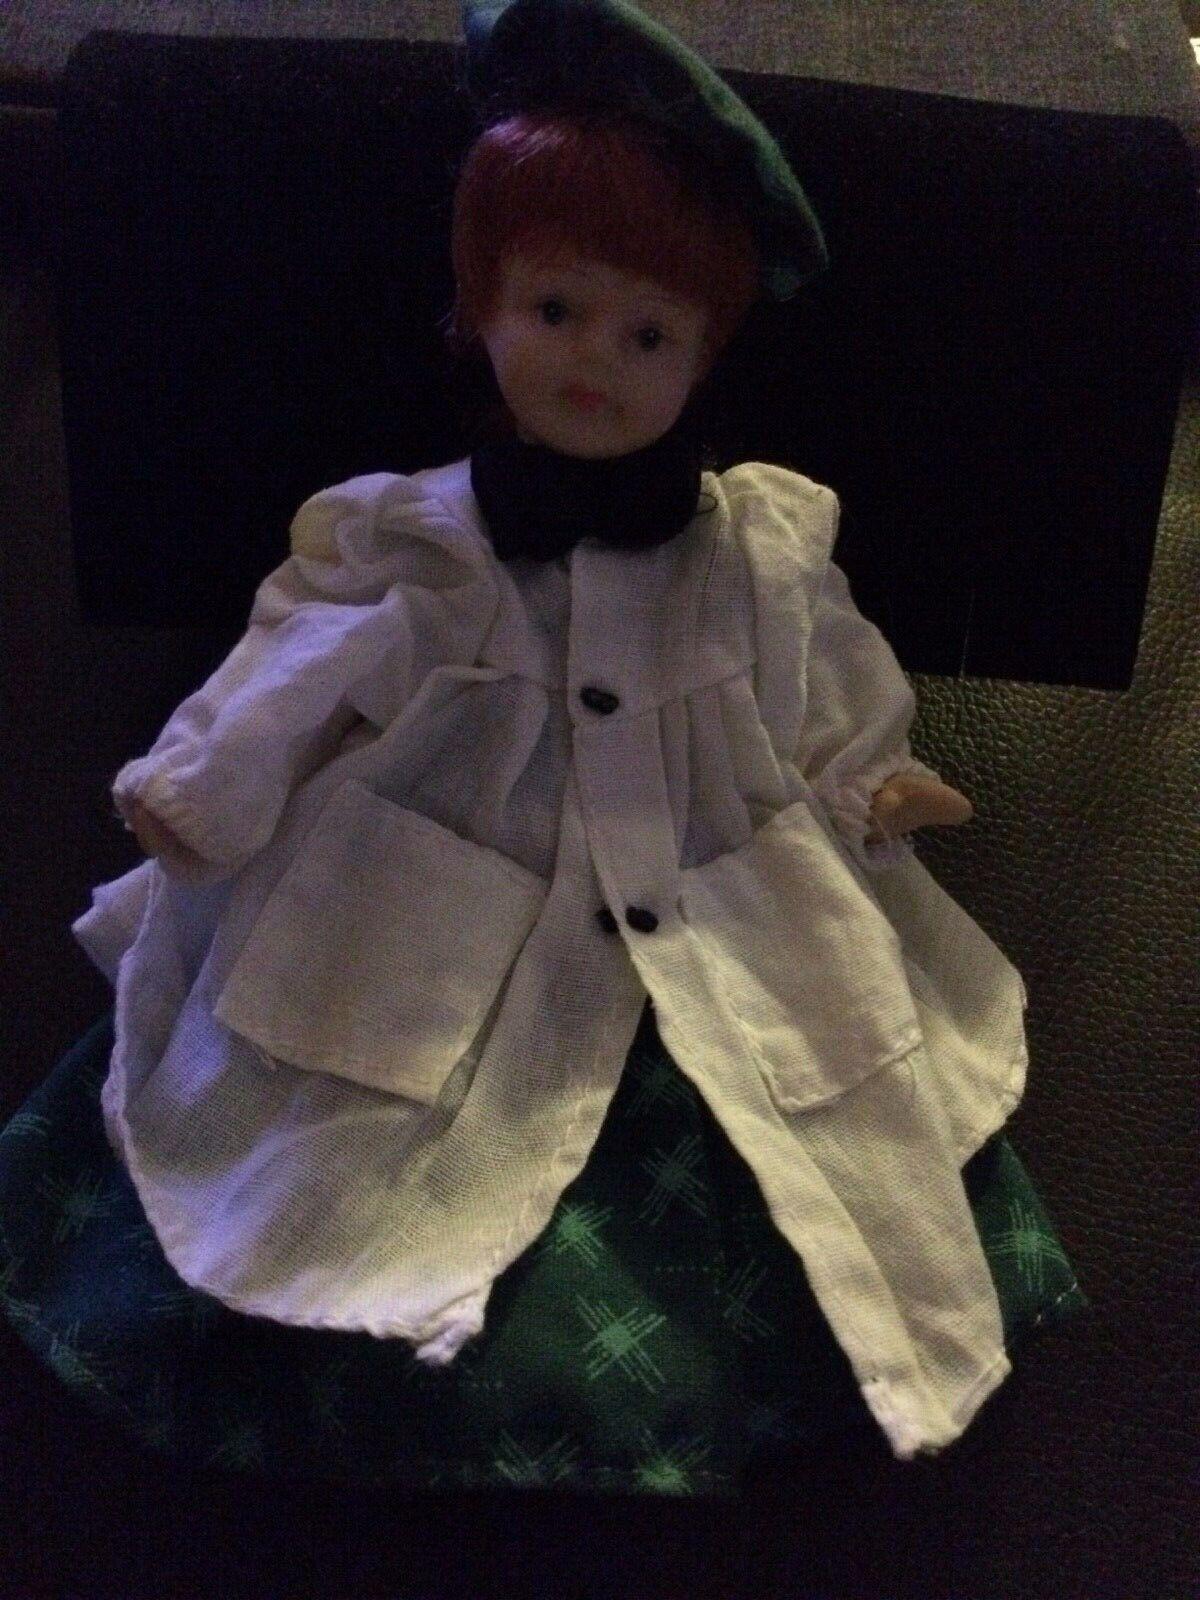 Puppenhaus Puppenküche Puppenküche Puppenküche Porzellan Puppe Kappe roter Zopf Kleid Schürze de4c72